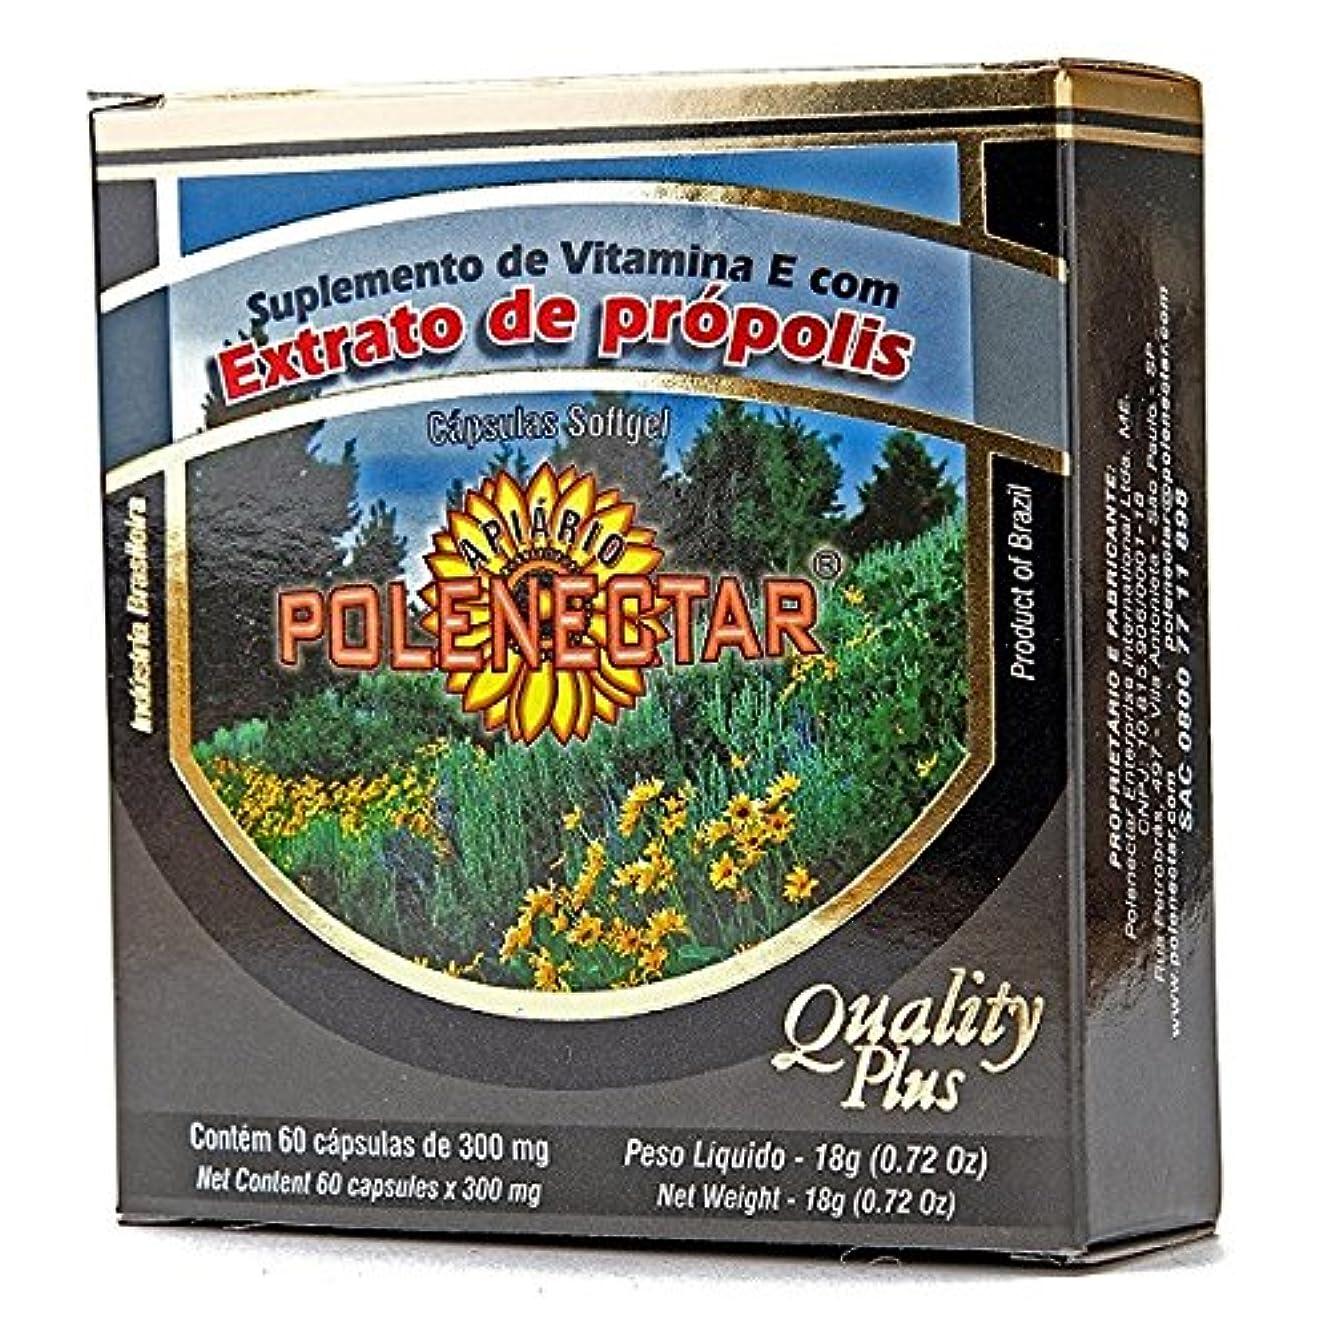 日常的に塊南西ポレネクター  プロポリス ソフトカプセル300mg×60粒 【ブラジルメーカー直輸入品】 (1) [並行輸入品] Polenectar